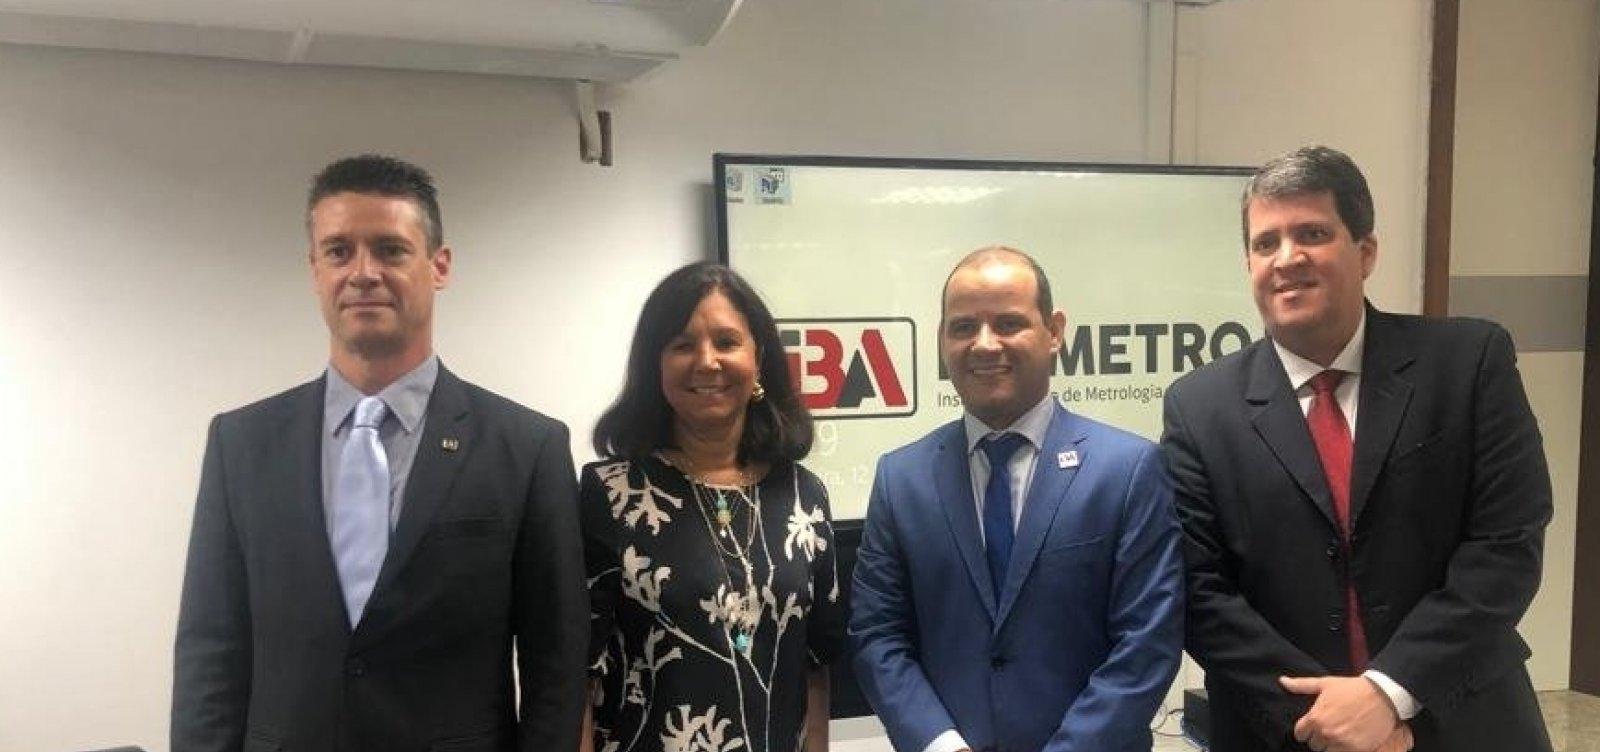 Ibametro renova convênio com Inmetro e Governo da Bahia